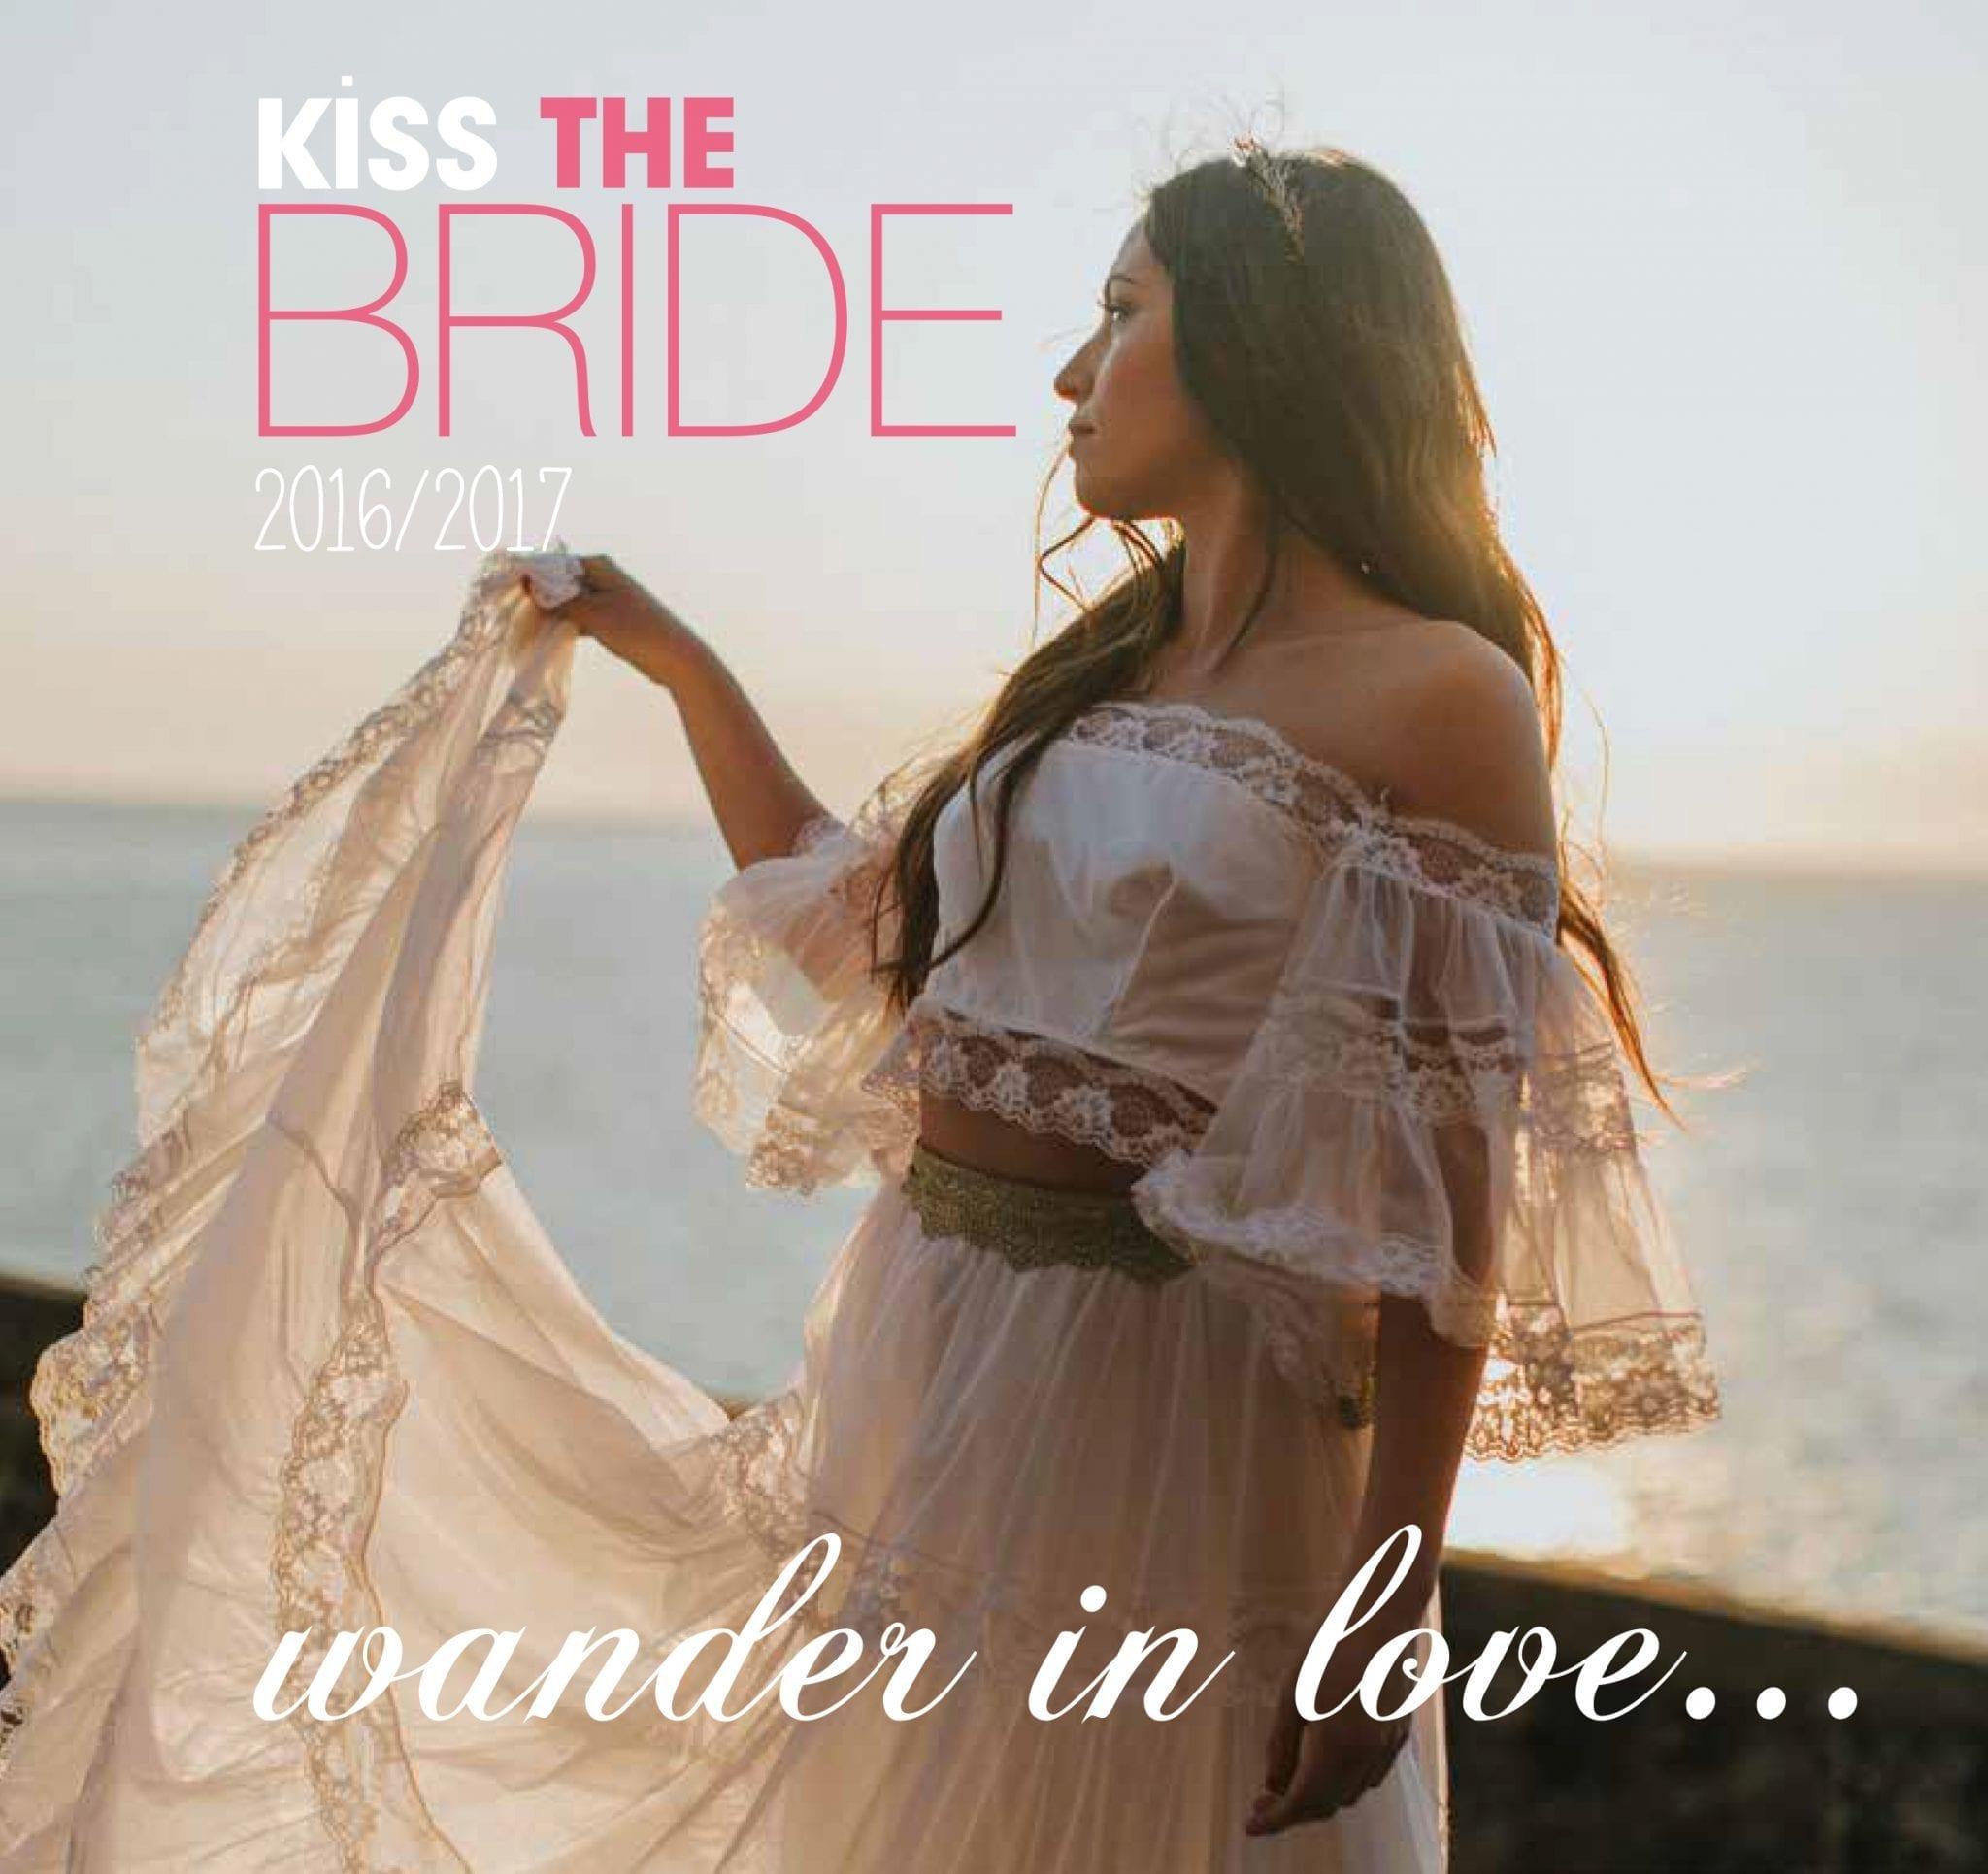 Wander in Love…